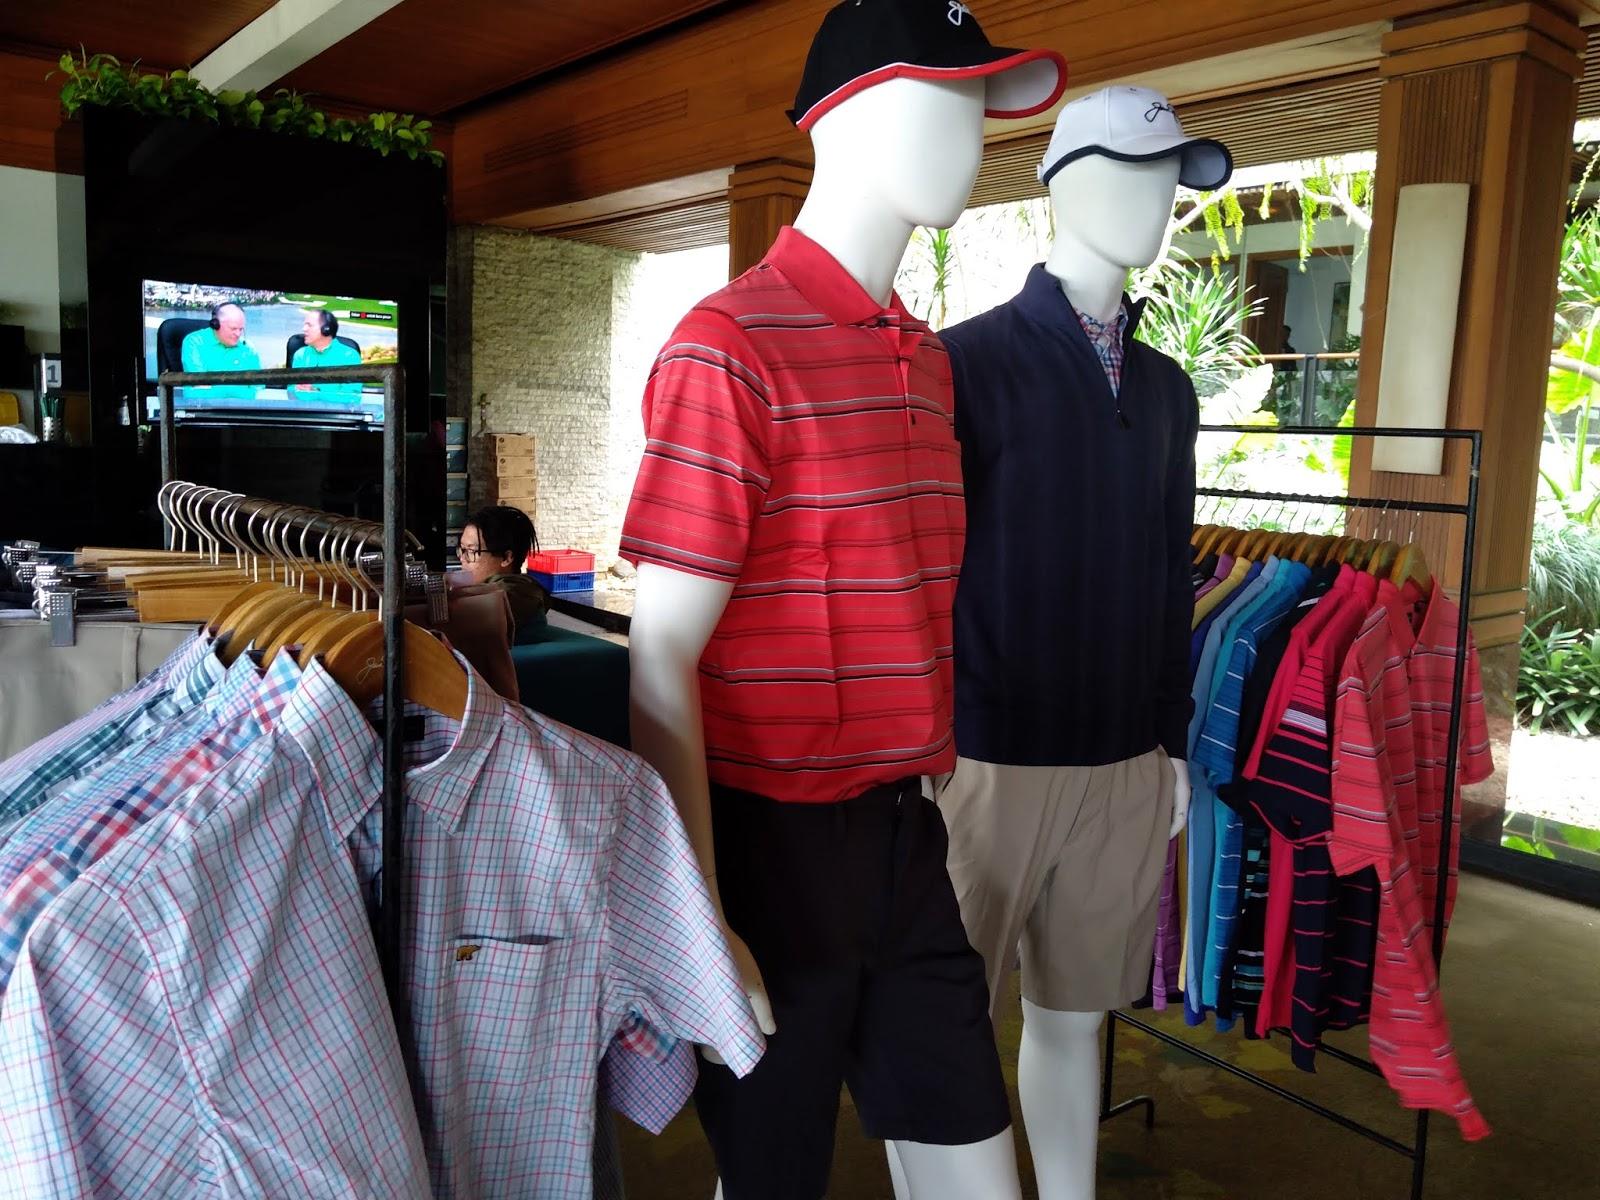 Produk Apparel JNII, Produk Kaos Golf, Produk Baju Golf, Produk Tas Golf, Topi GOlf